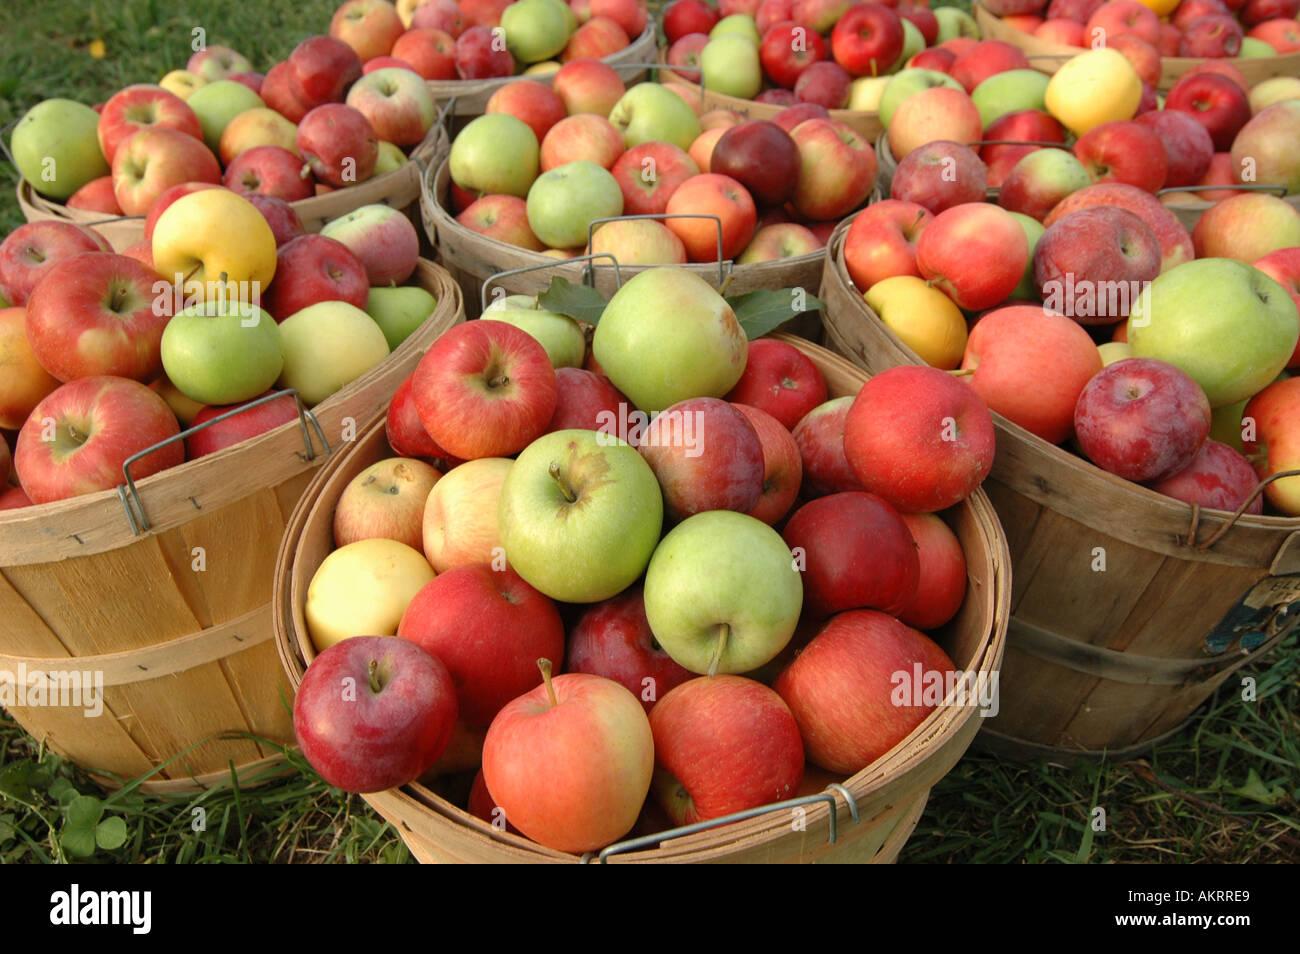 Unsorted manzanas en cestas Imagen De Stock